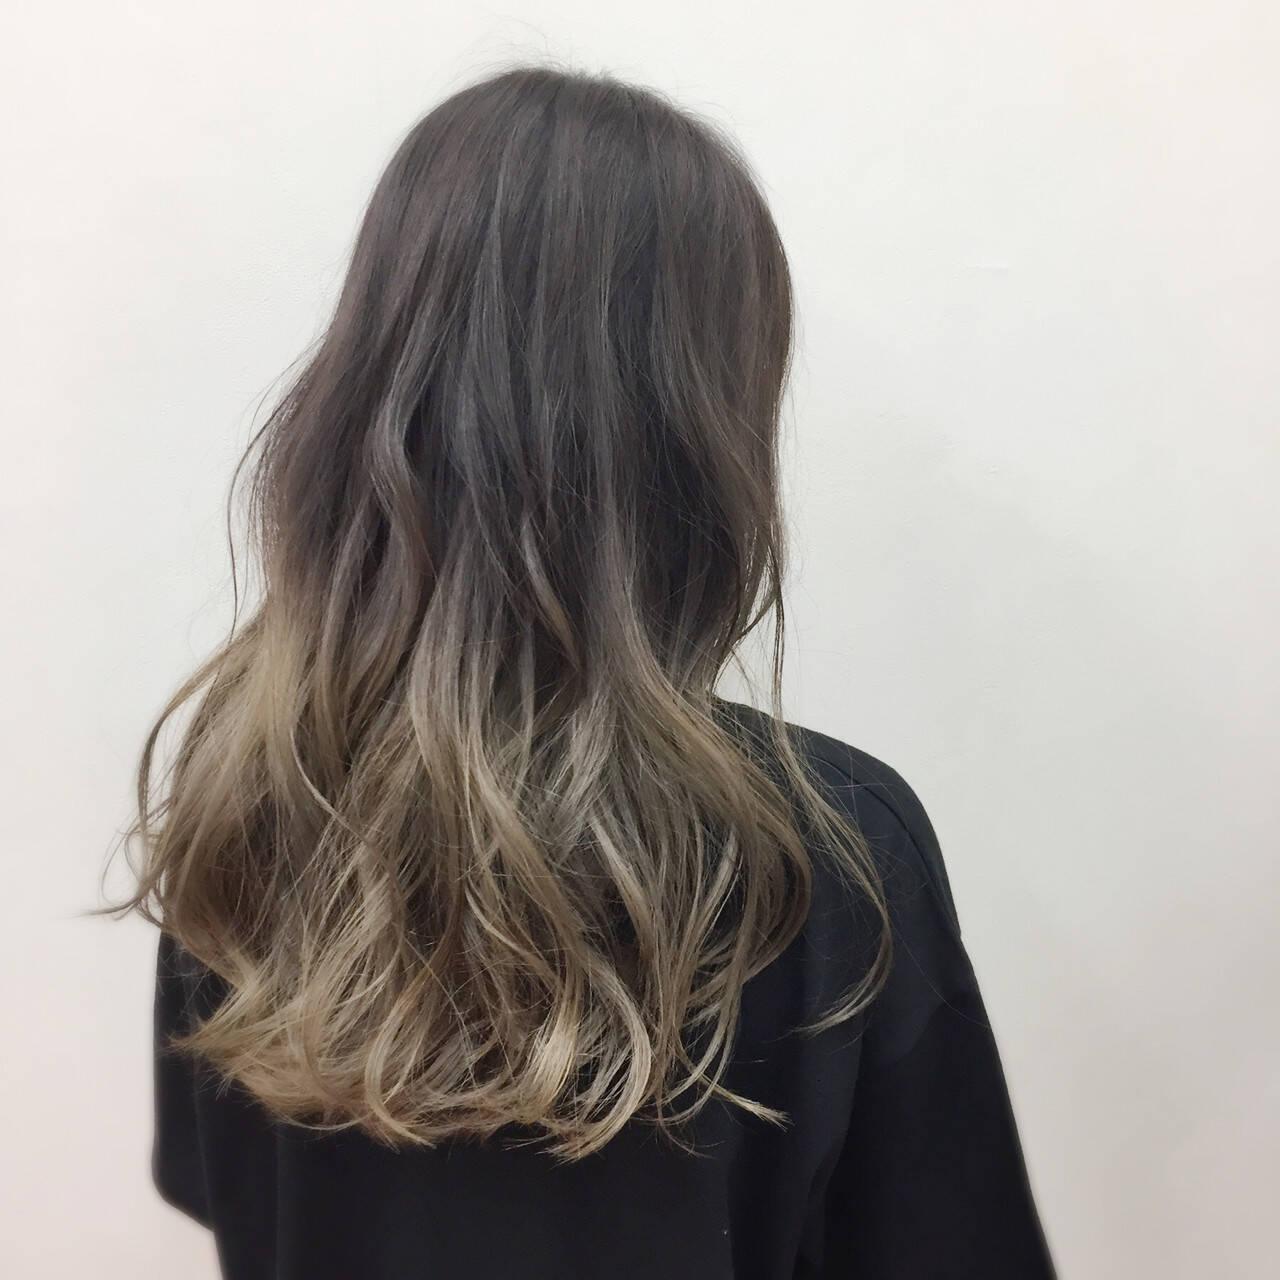 ブリーチ 外国人風カラー ロング アッシュヘアスタイルや髪型の写真・画像